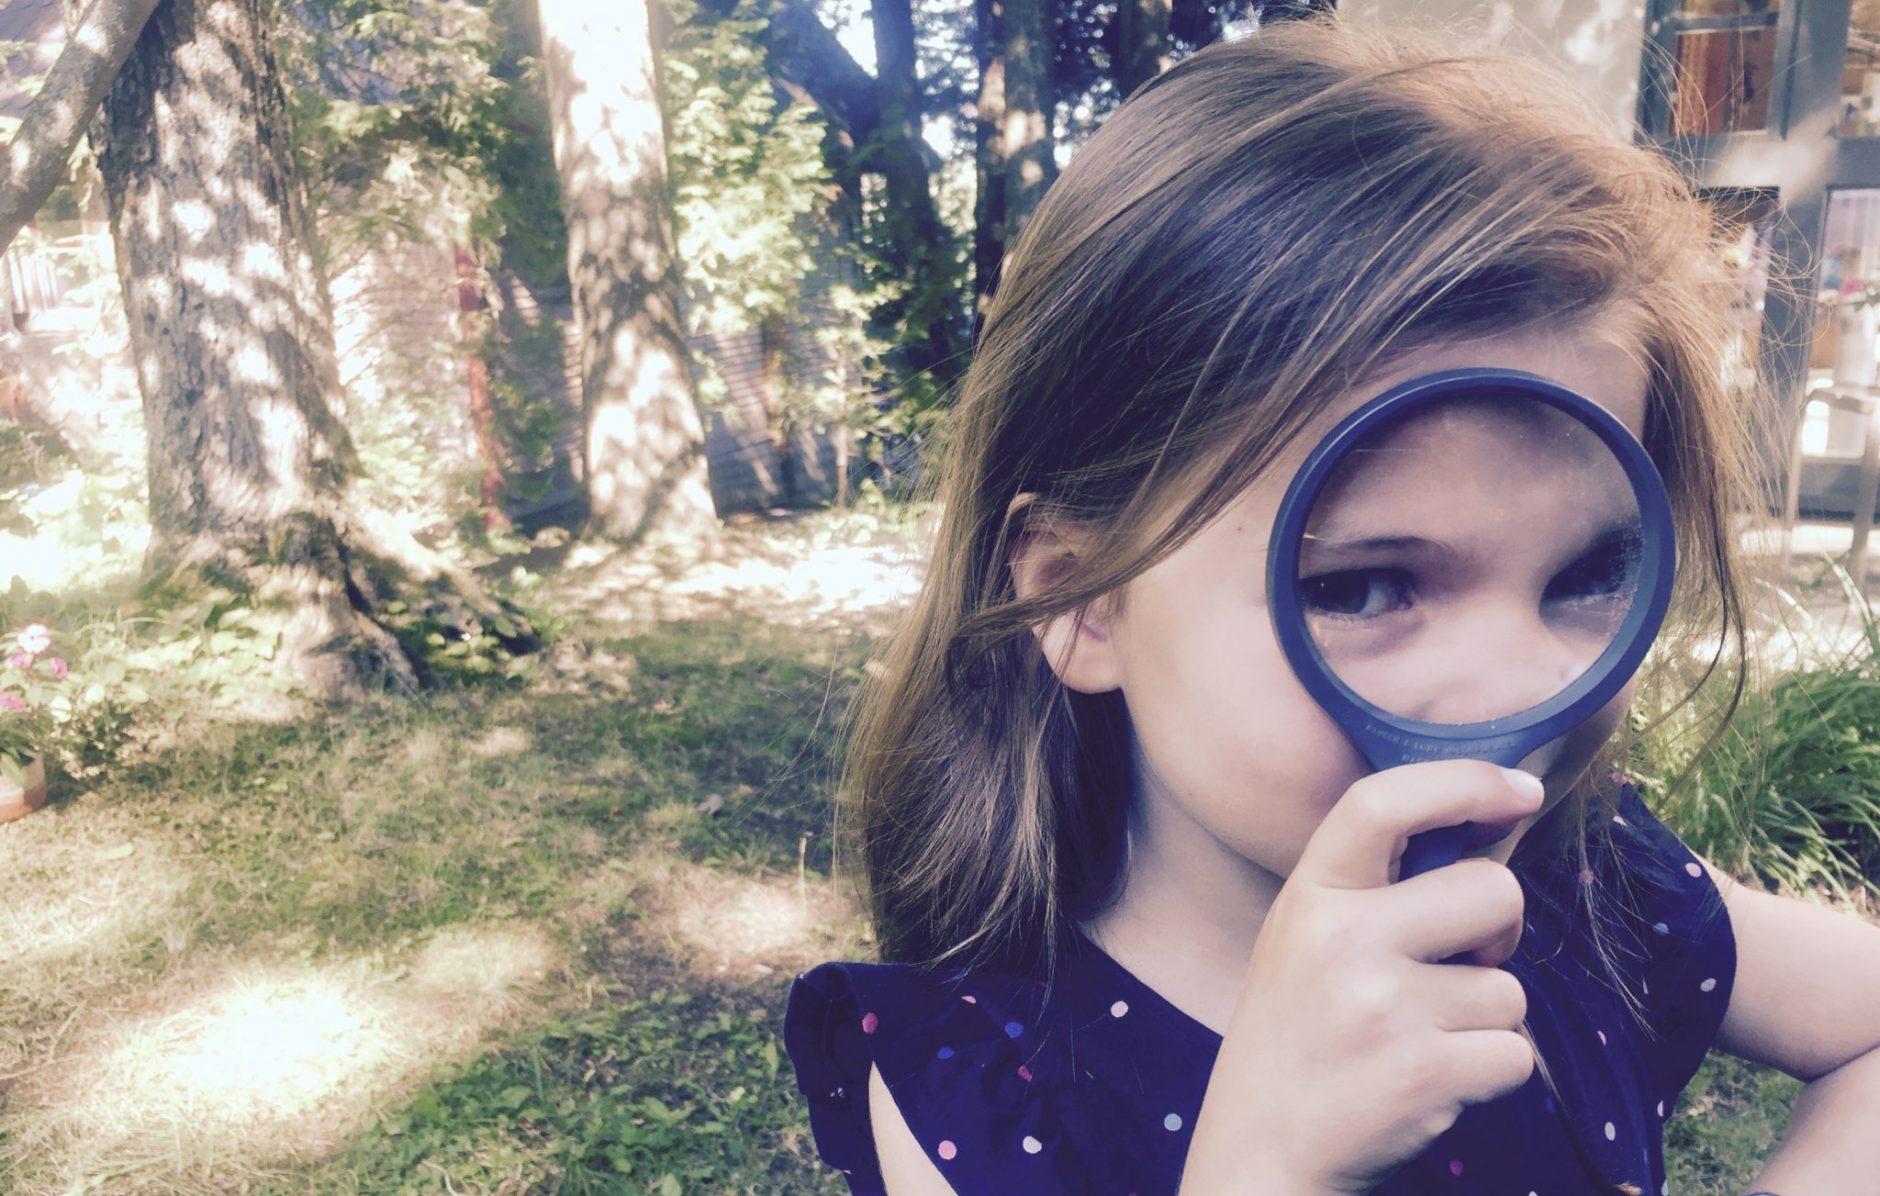 Jeux de chasse aux tresors pour enfant